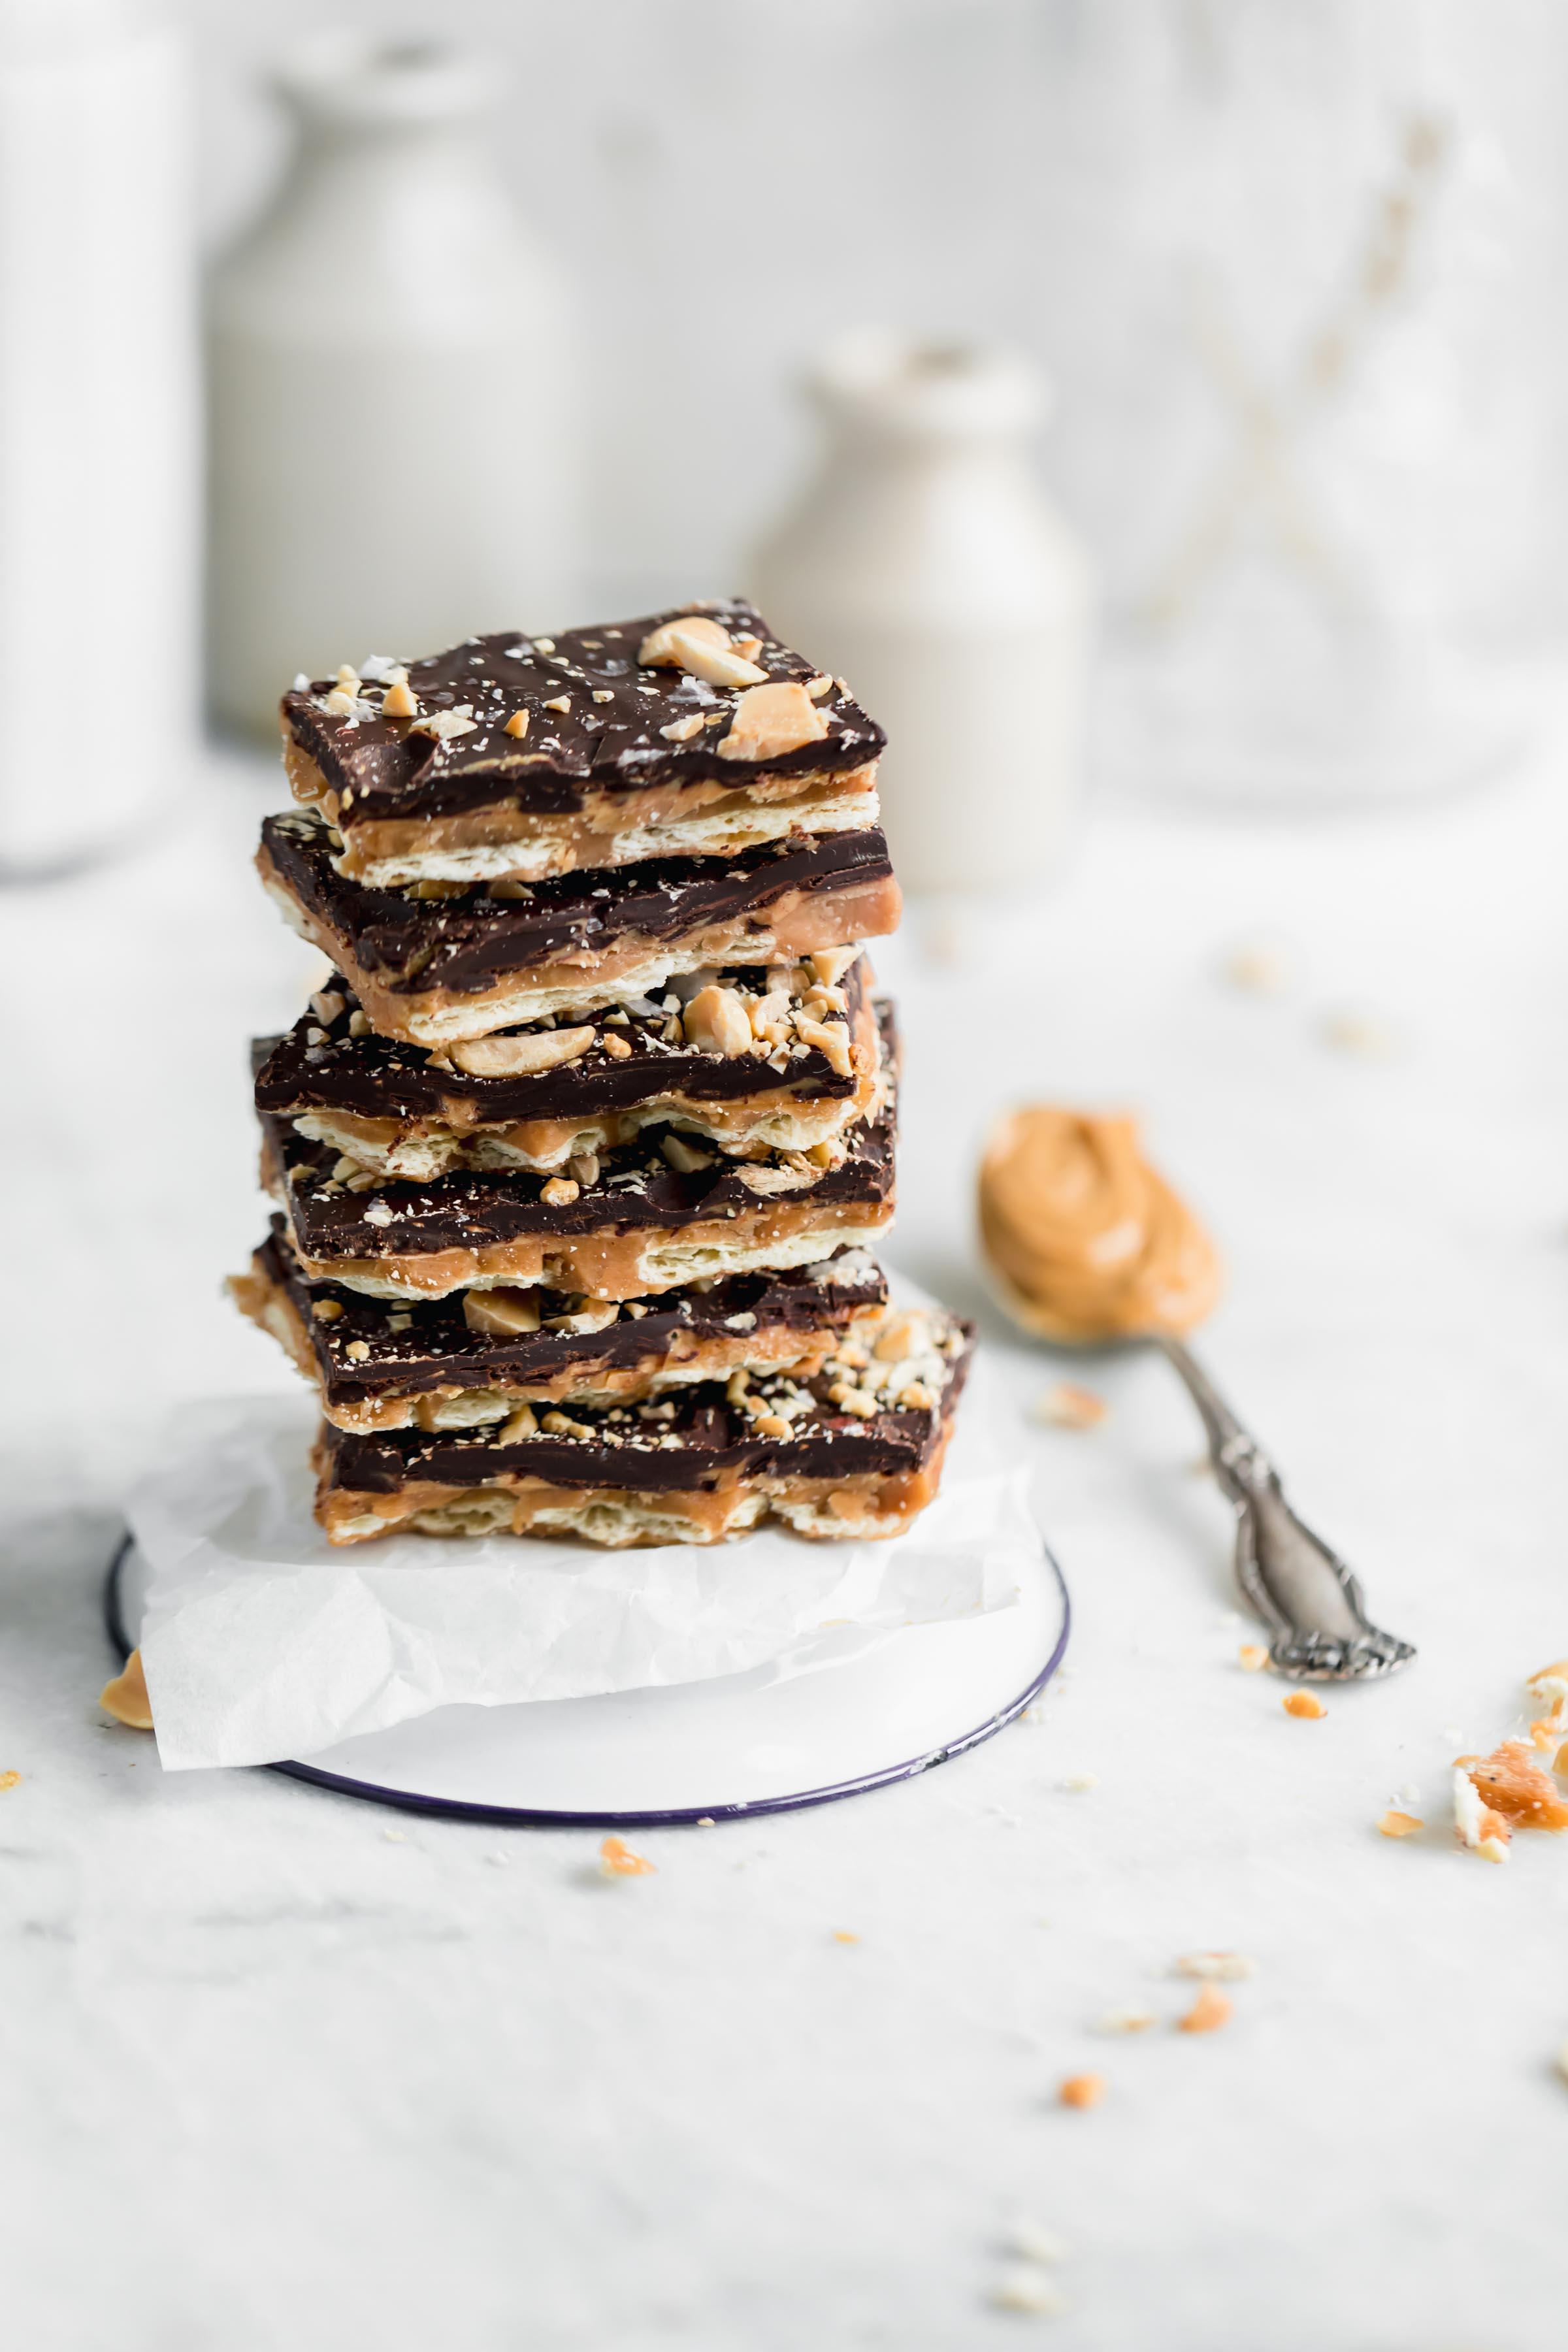 Pile d'écorce de caramel salé au beurre d'arachide. Une écorce douce, salée, croquante et onctueuse au caramel au beurre d'arachide, faite avec des ingrédients que vous avez probablement déjà dans votre garde-manger! Bonjour, chouette chose!